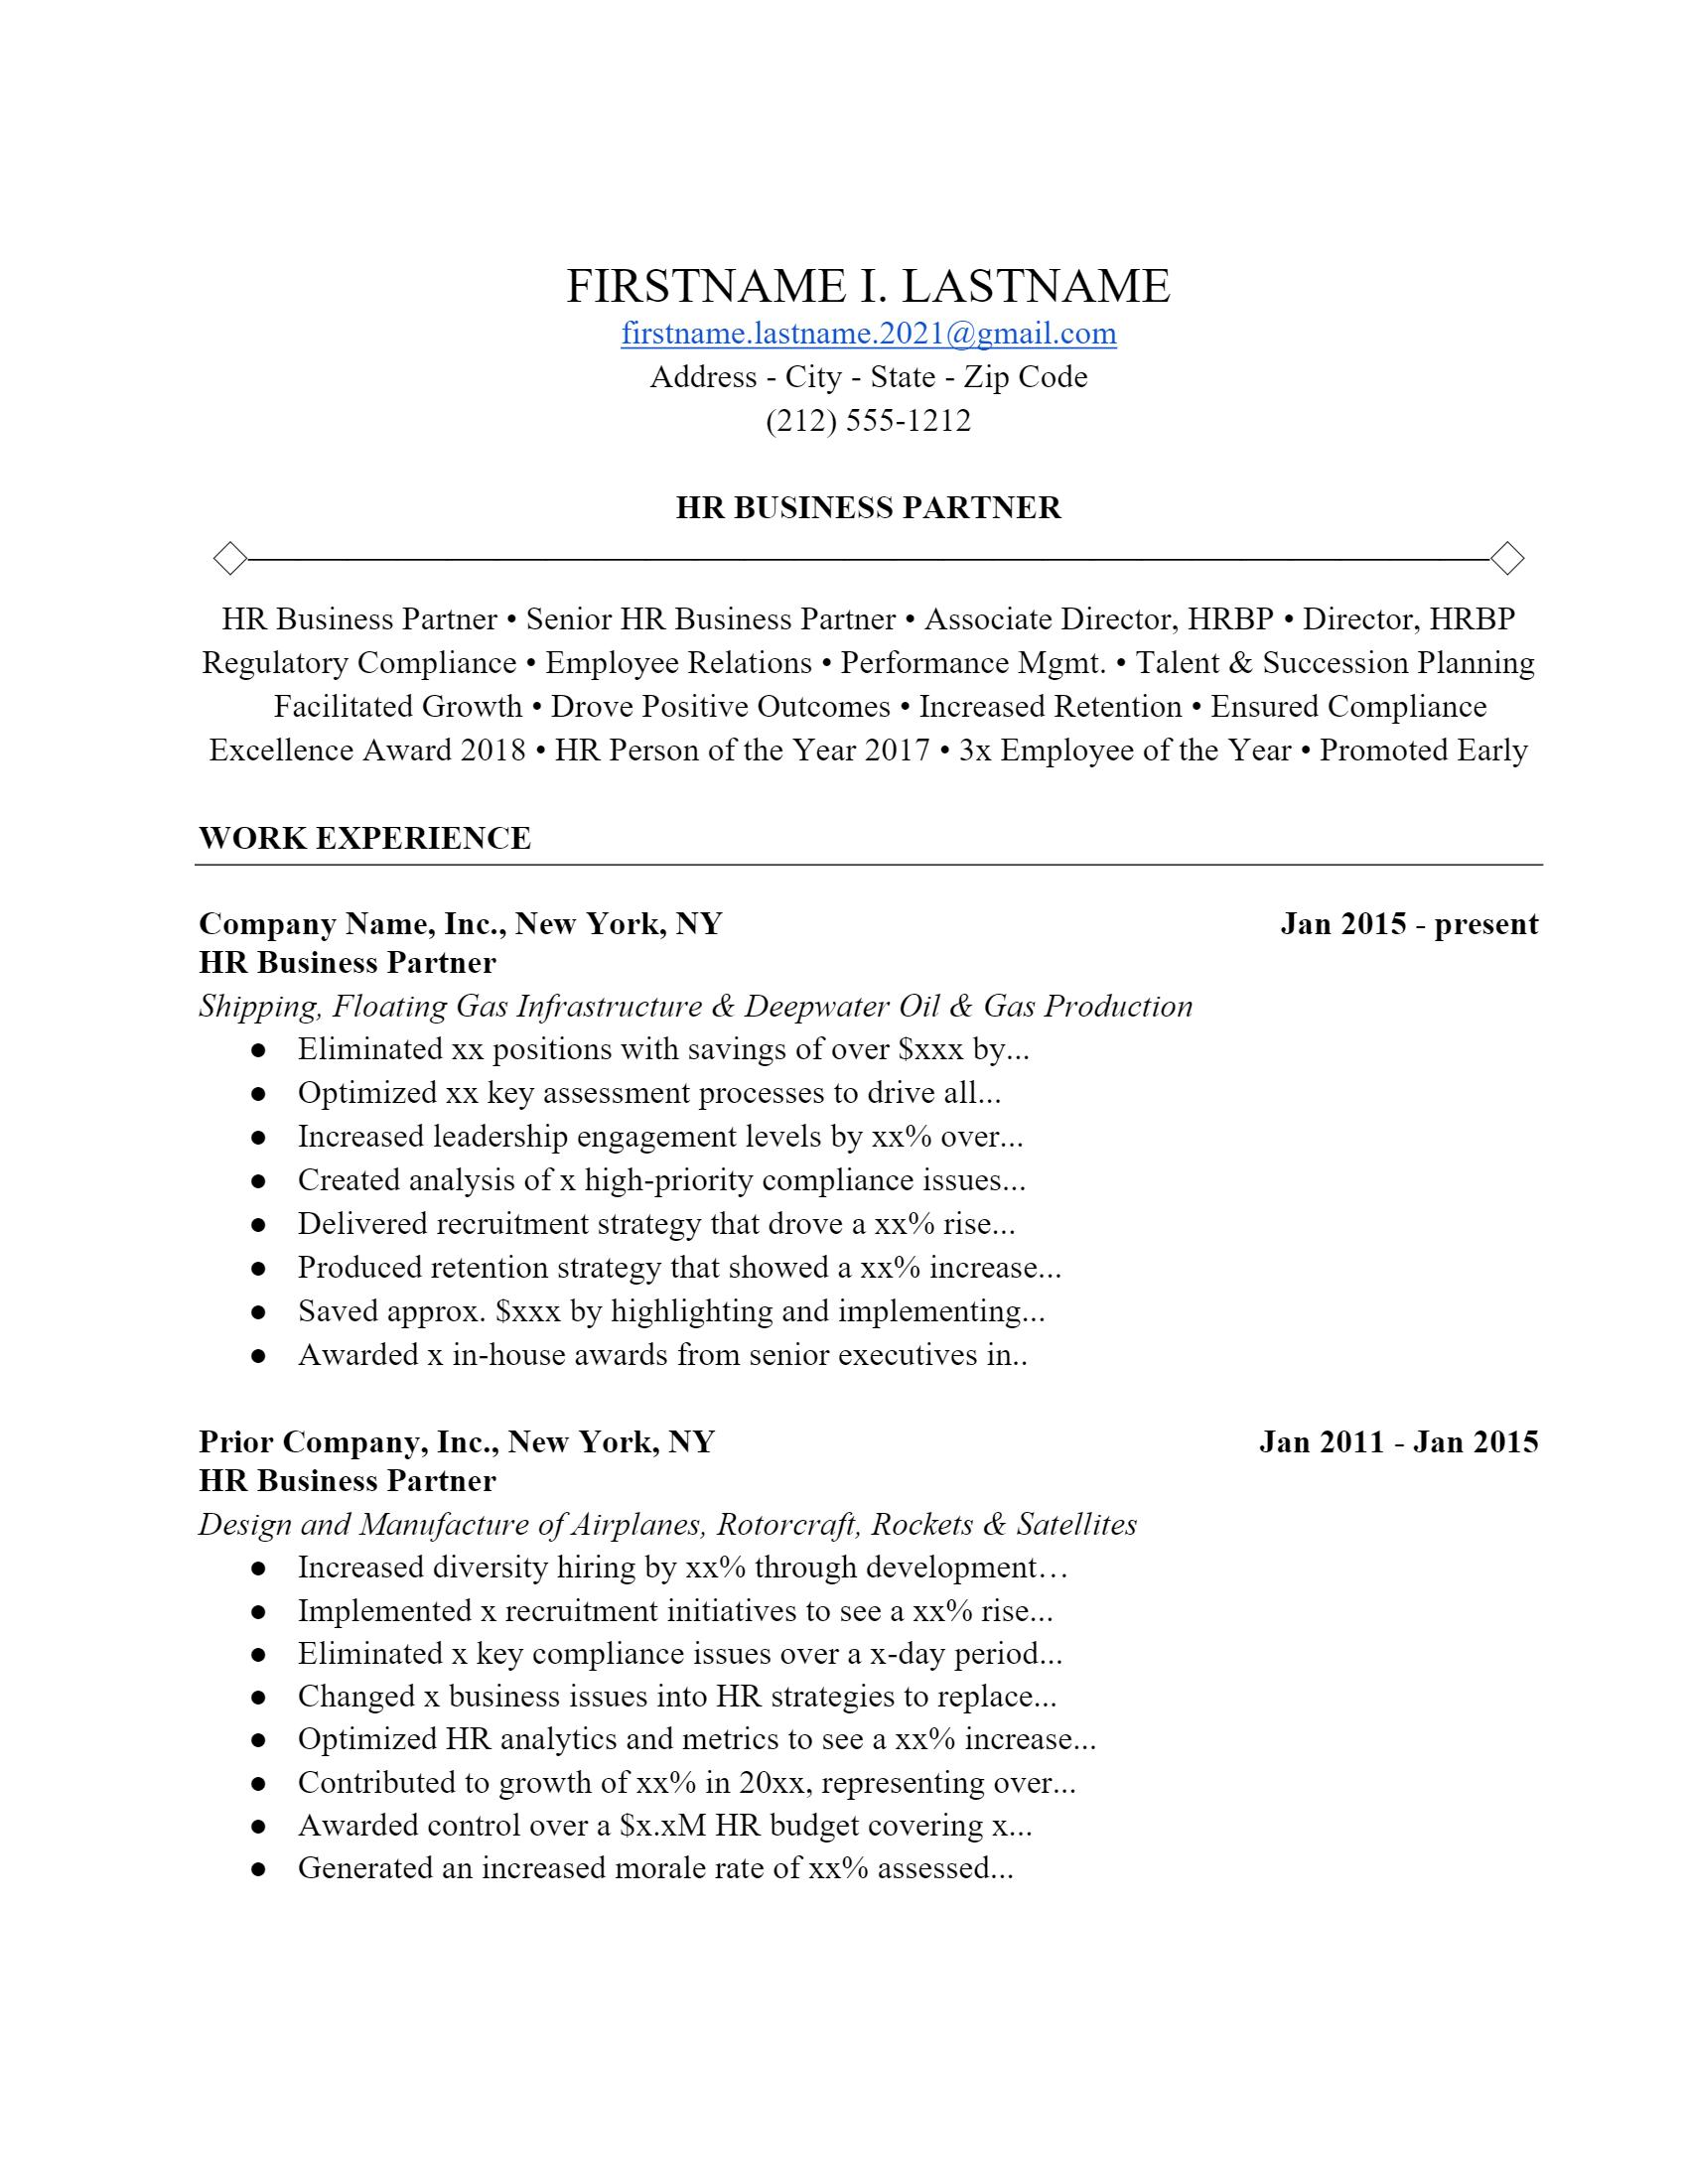 HR Partner Resume > HR Partner Resume .Docx (Word)